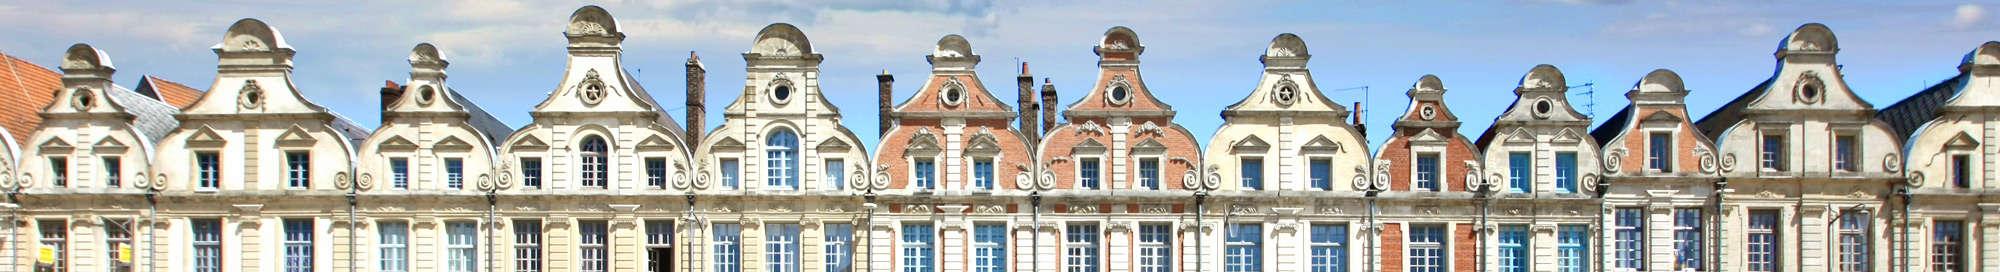 Week-end et séjour à Arras